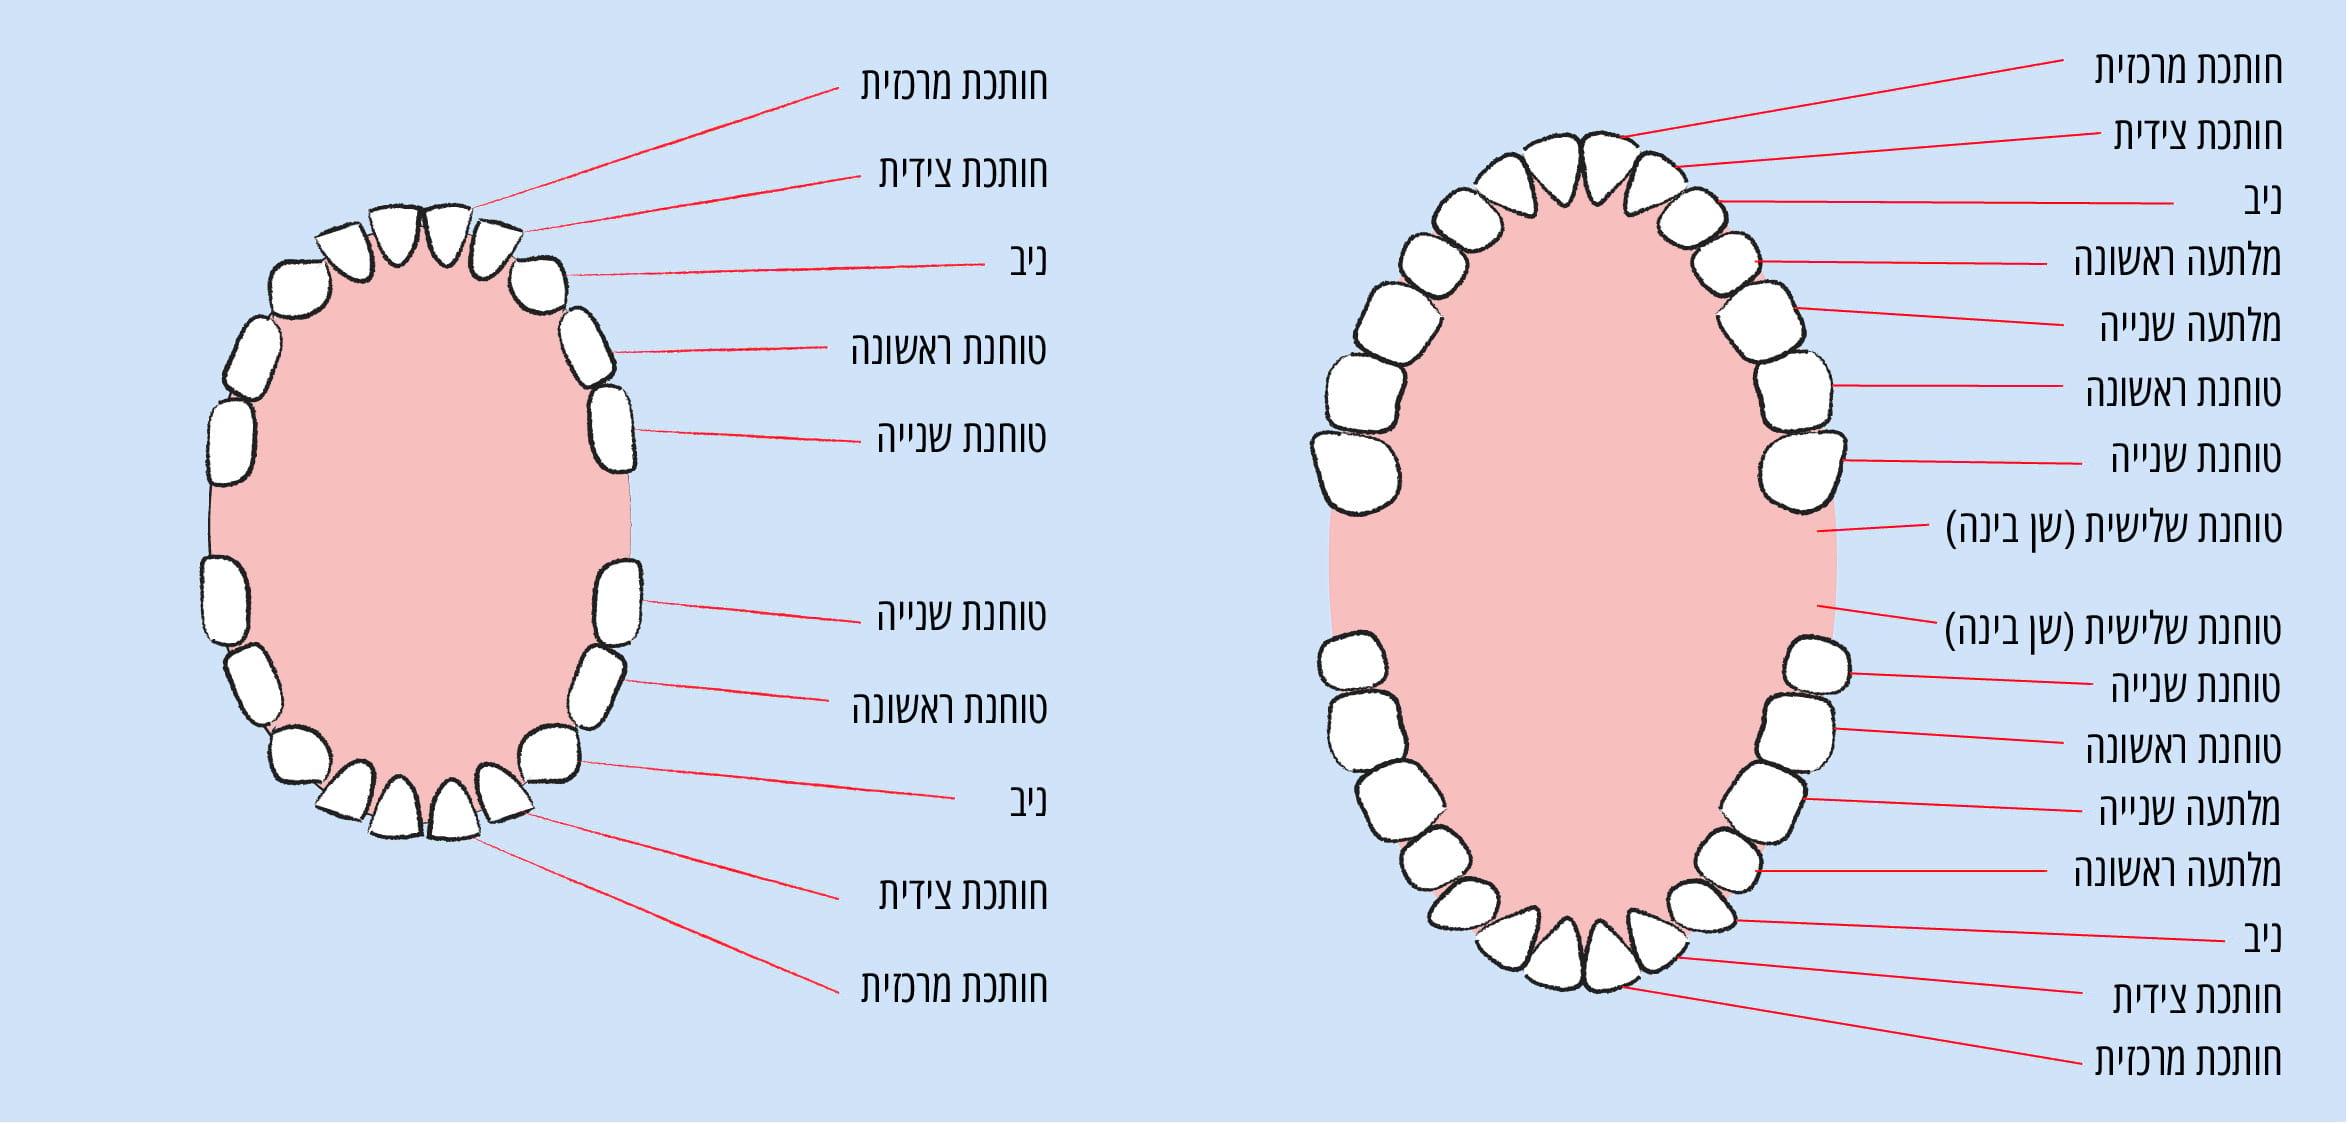 מבנה השיניים של ילדים